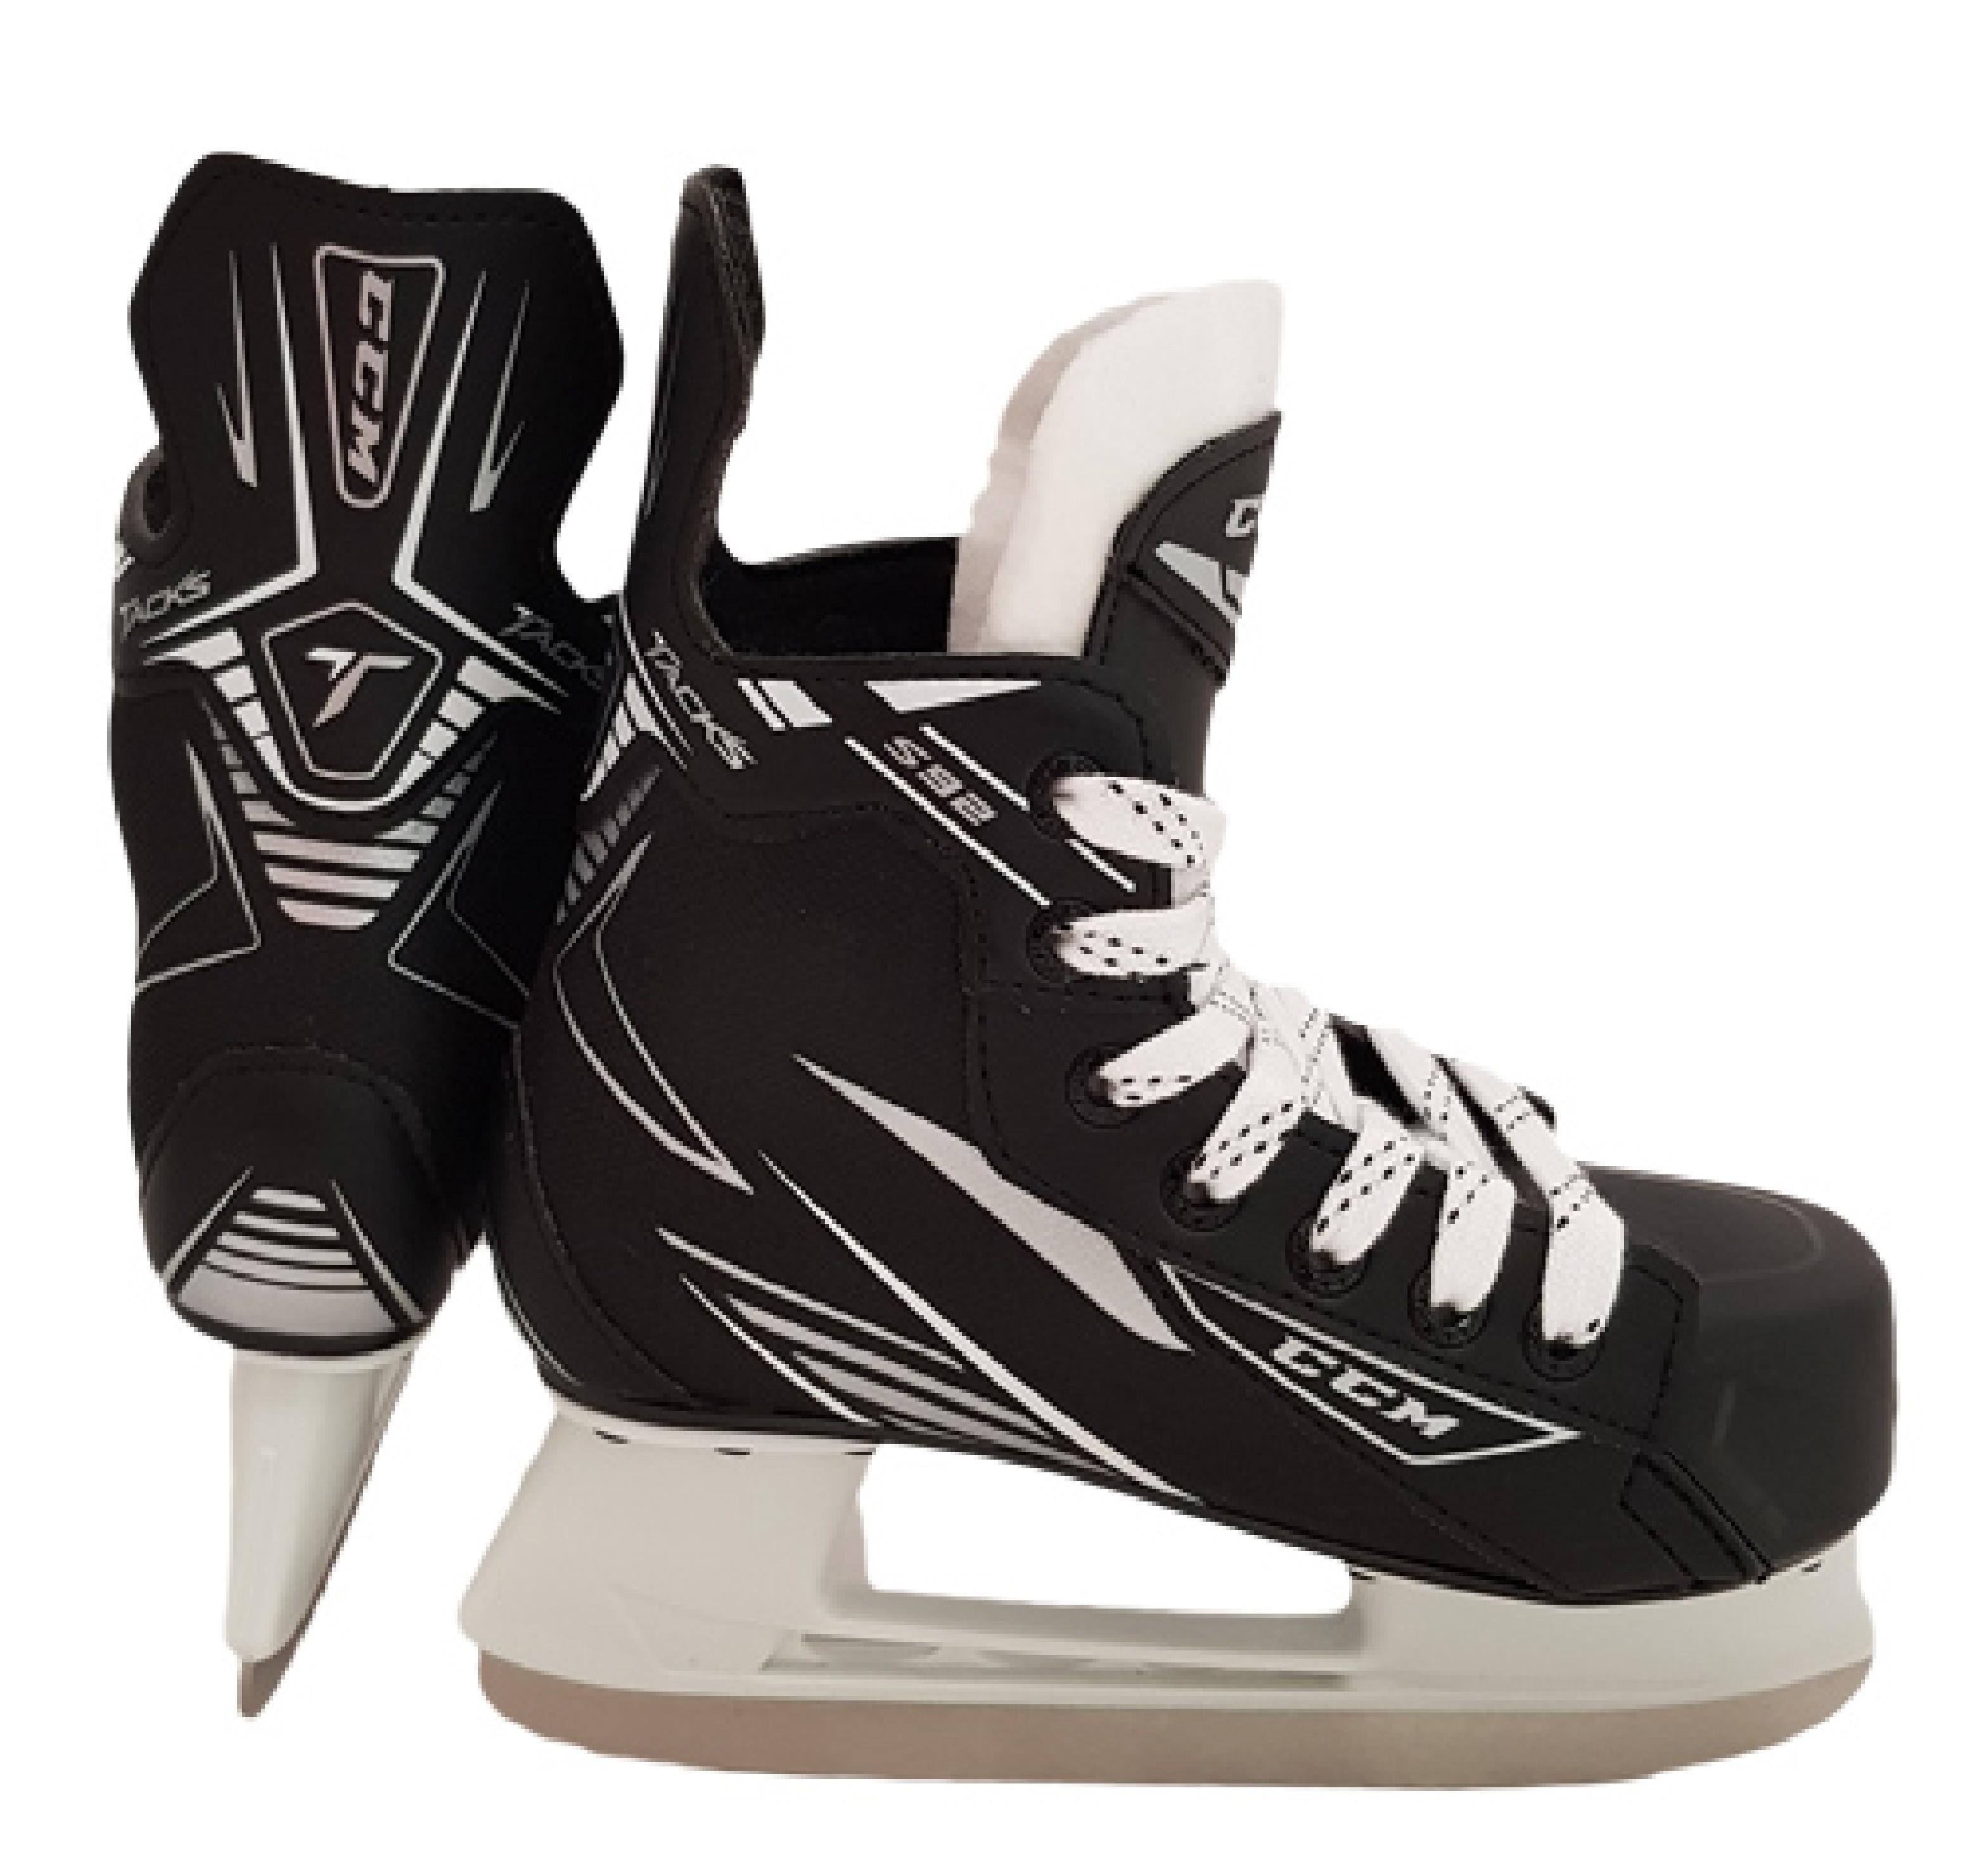 CCM Tacks S92 Youth Ice Hockey Skates